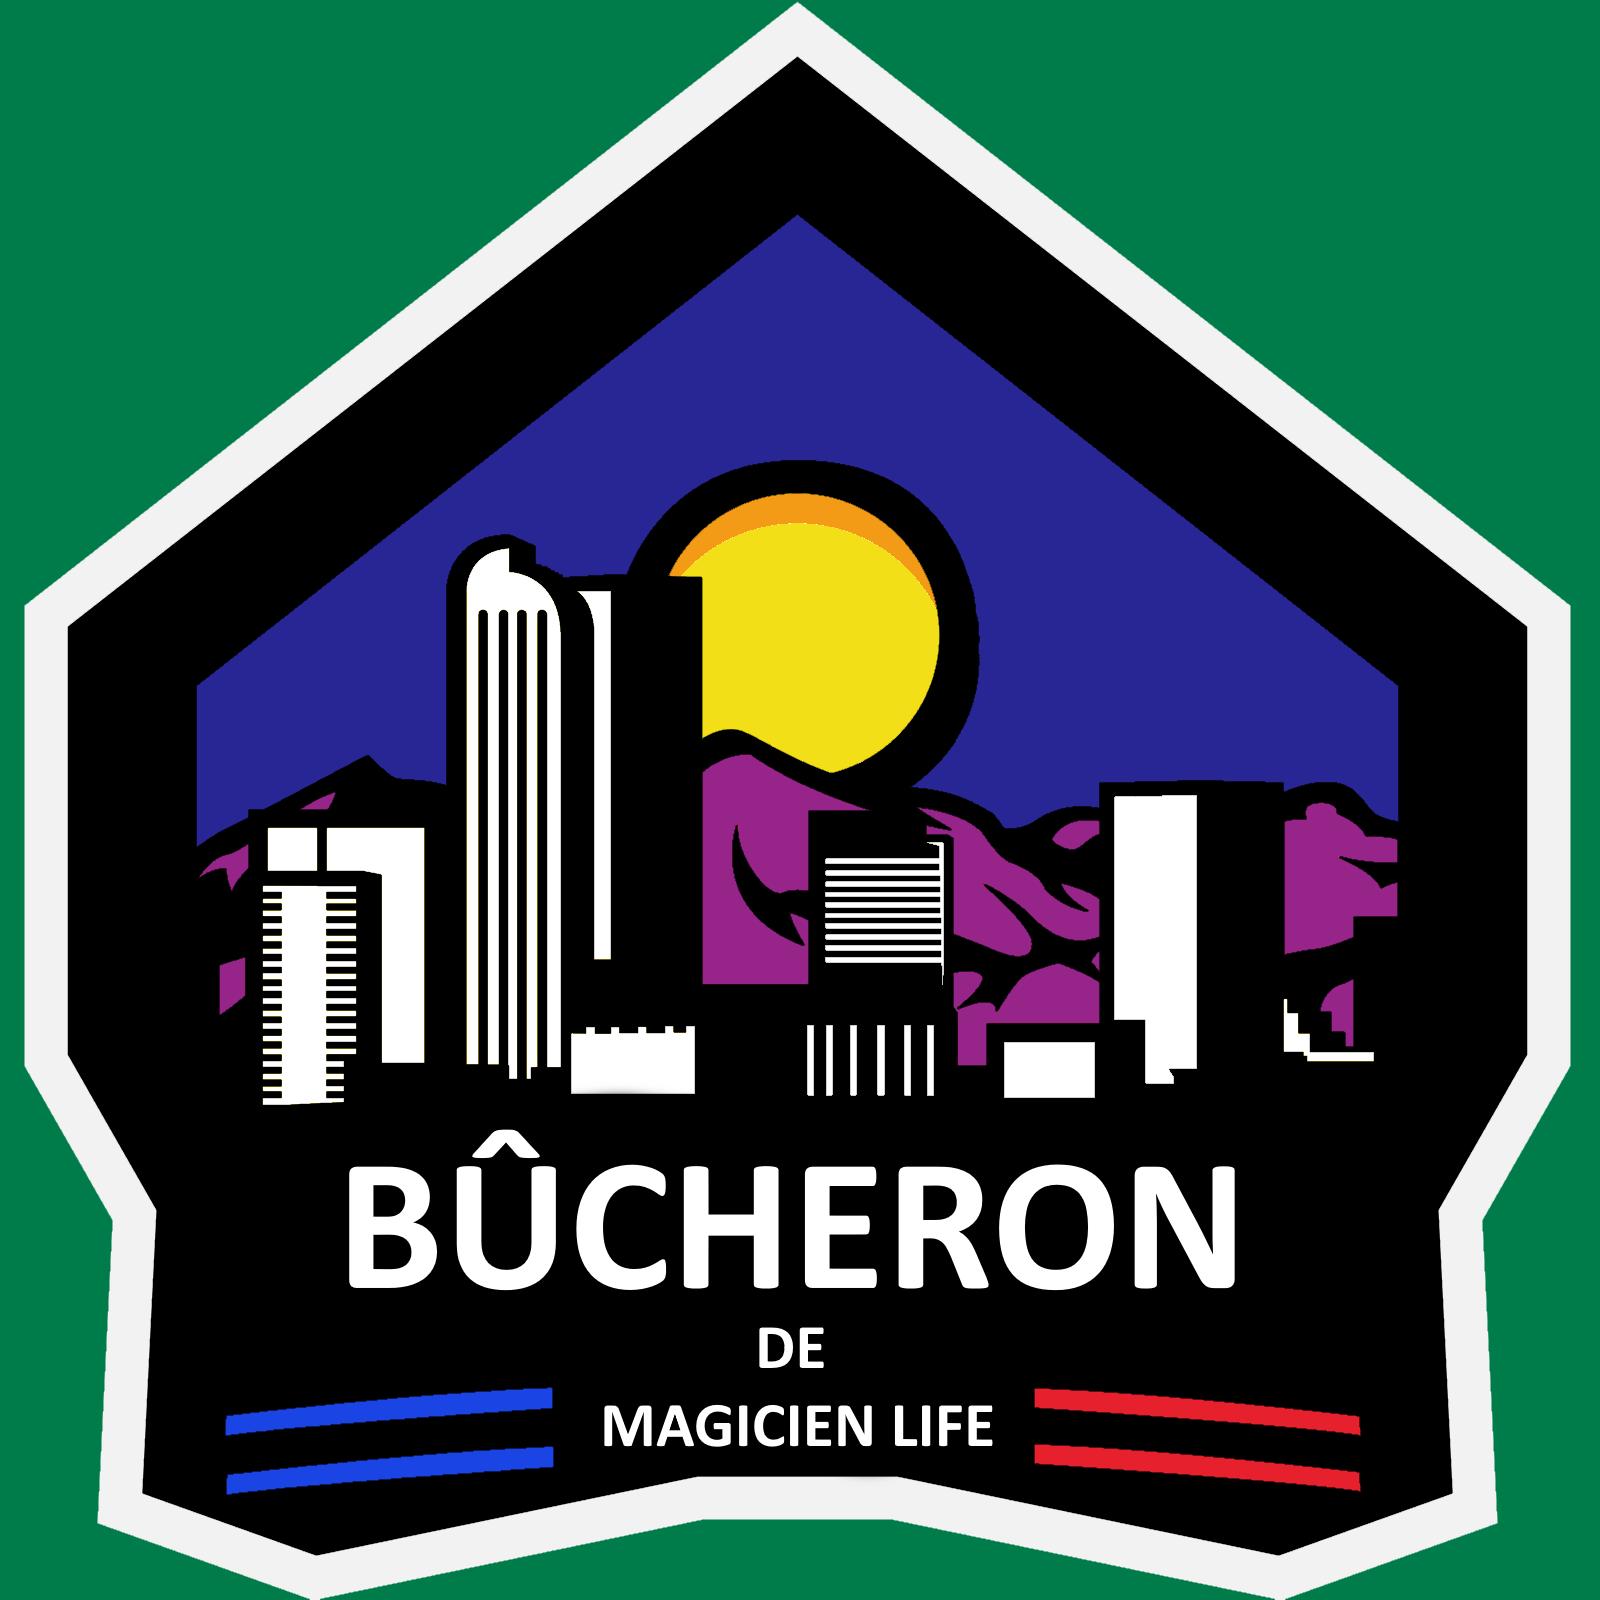 6070f8bdc977c-bucheron.png